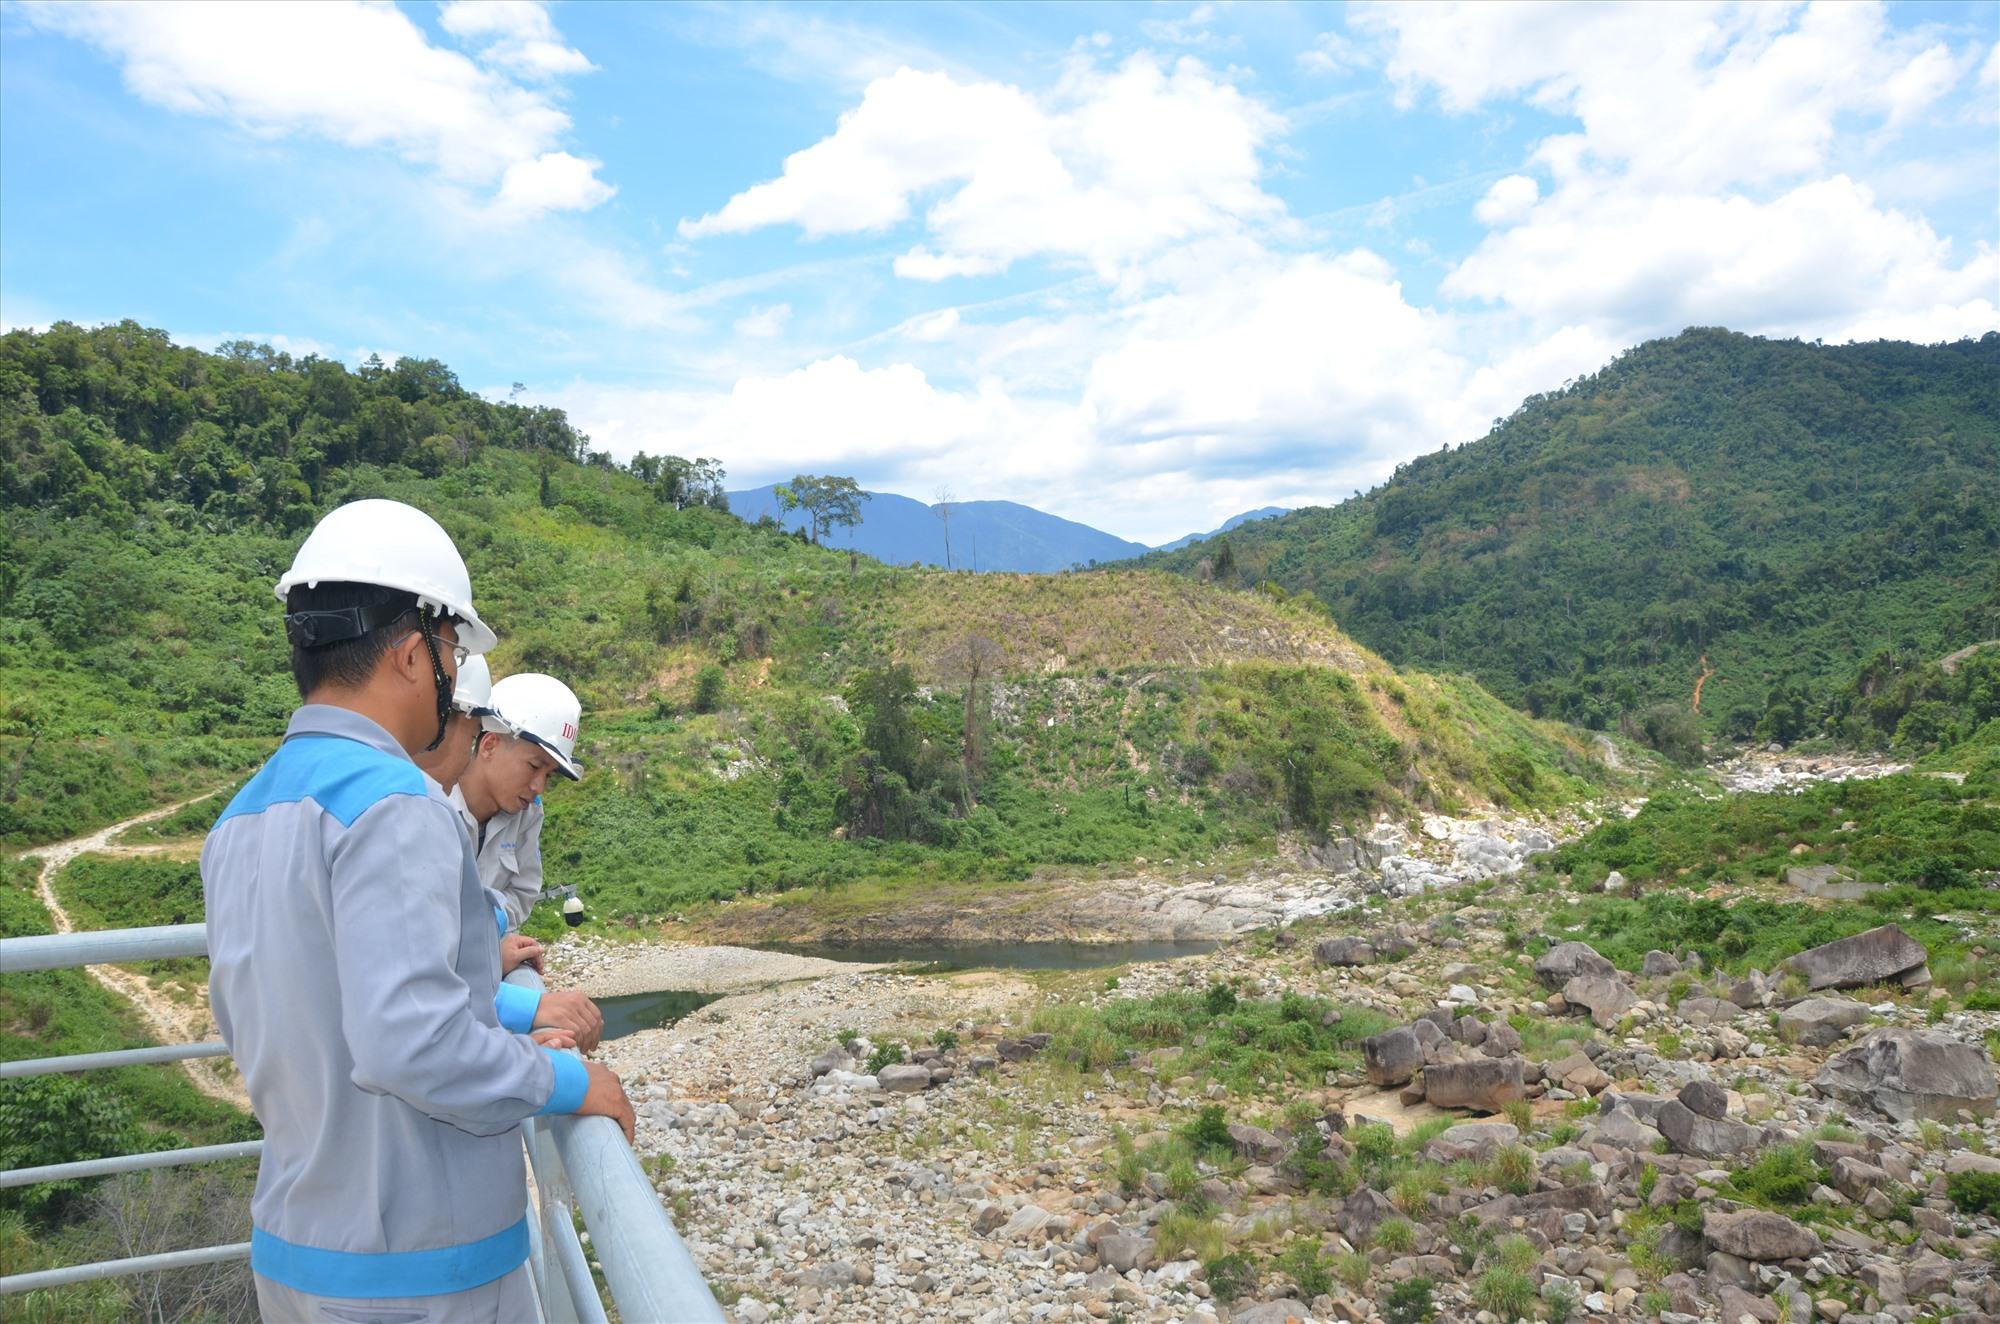 Các con sông ở miền núi đang trong tình trạng khô đáy. Ảnh: H.P